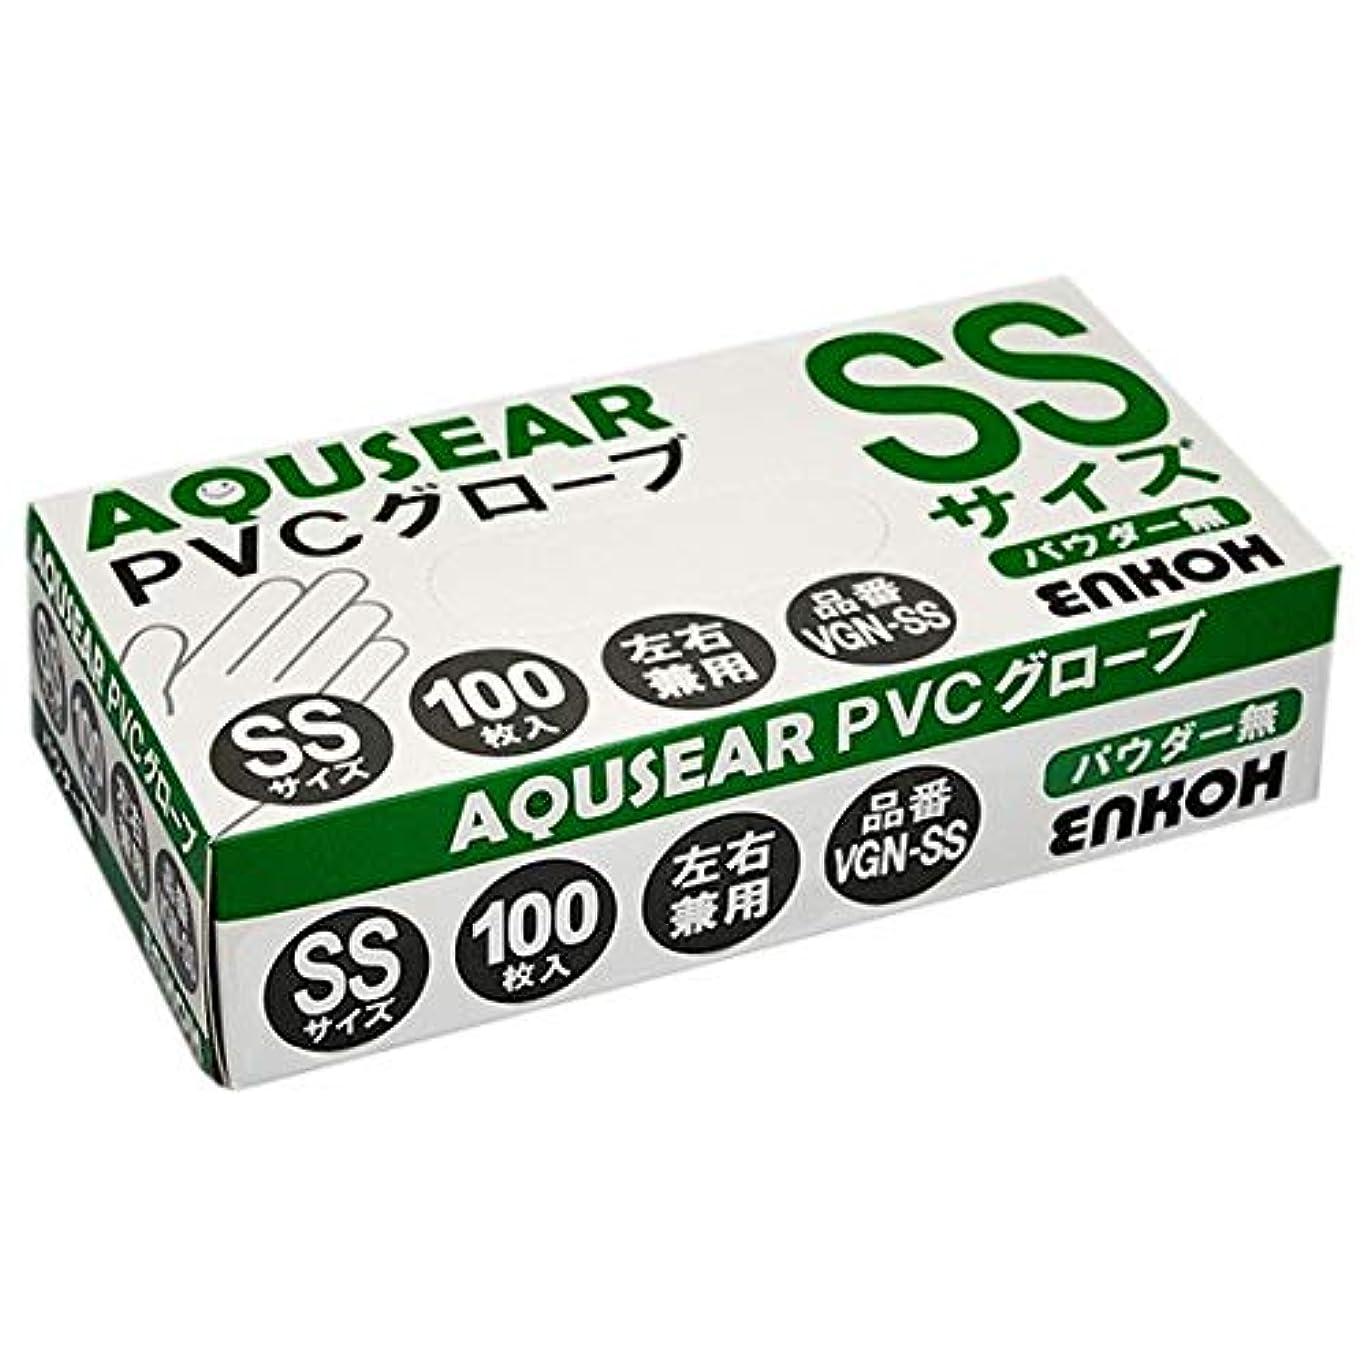 事前確認してください鉄AQUSEAR PVC プラスチックグローブ SSサイズ パウダー無 VGN-SS 100枚×20箱